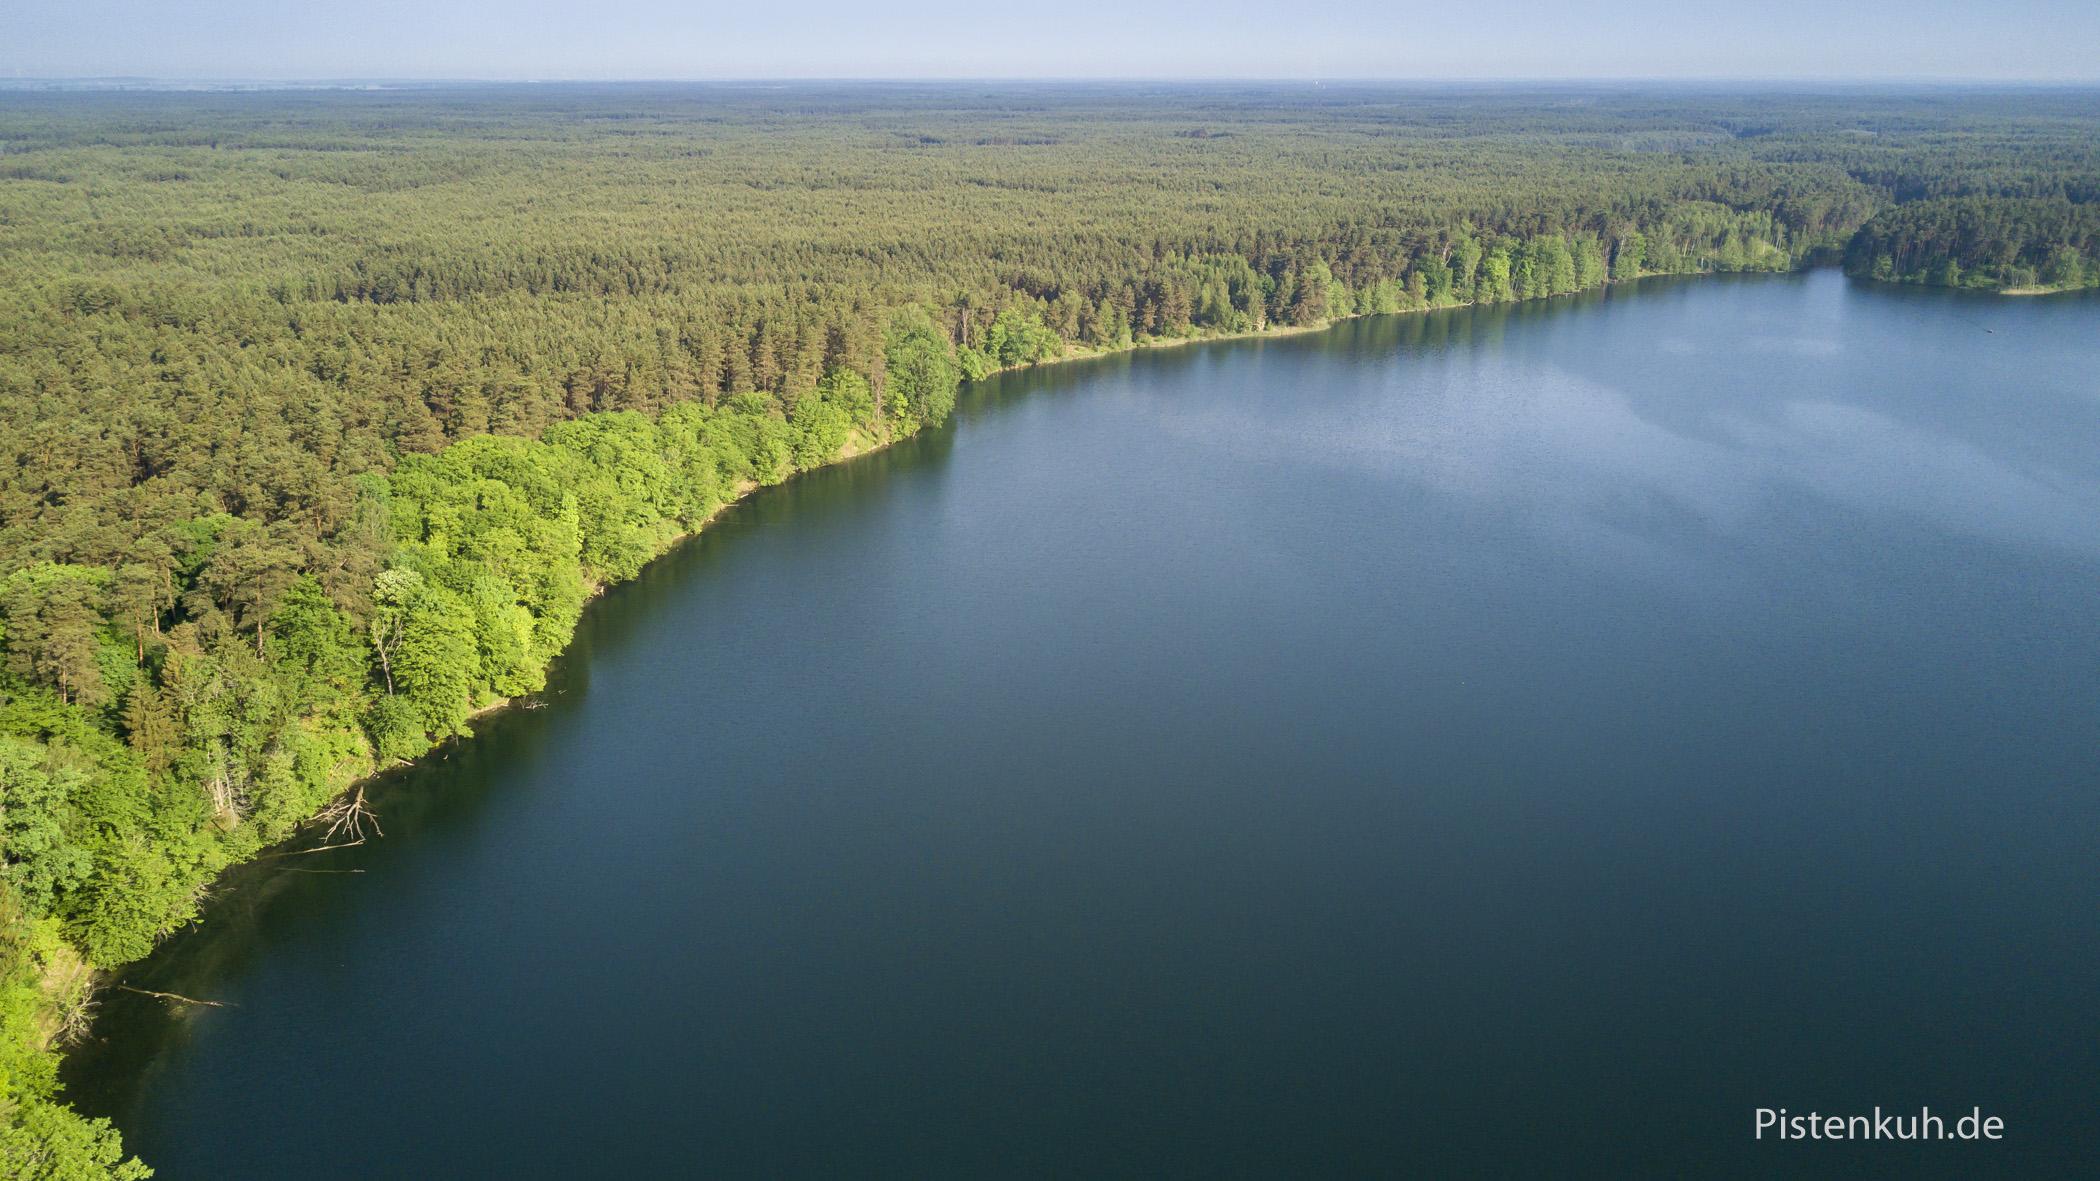 Unberührte Natur in Polen